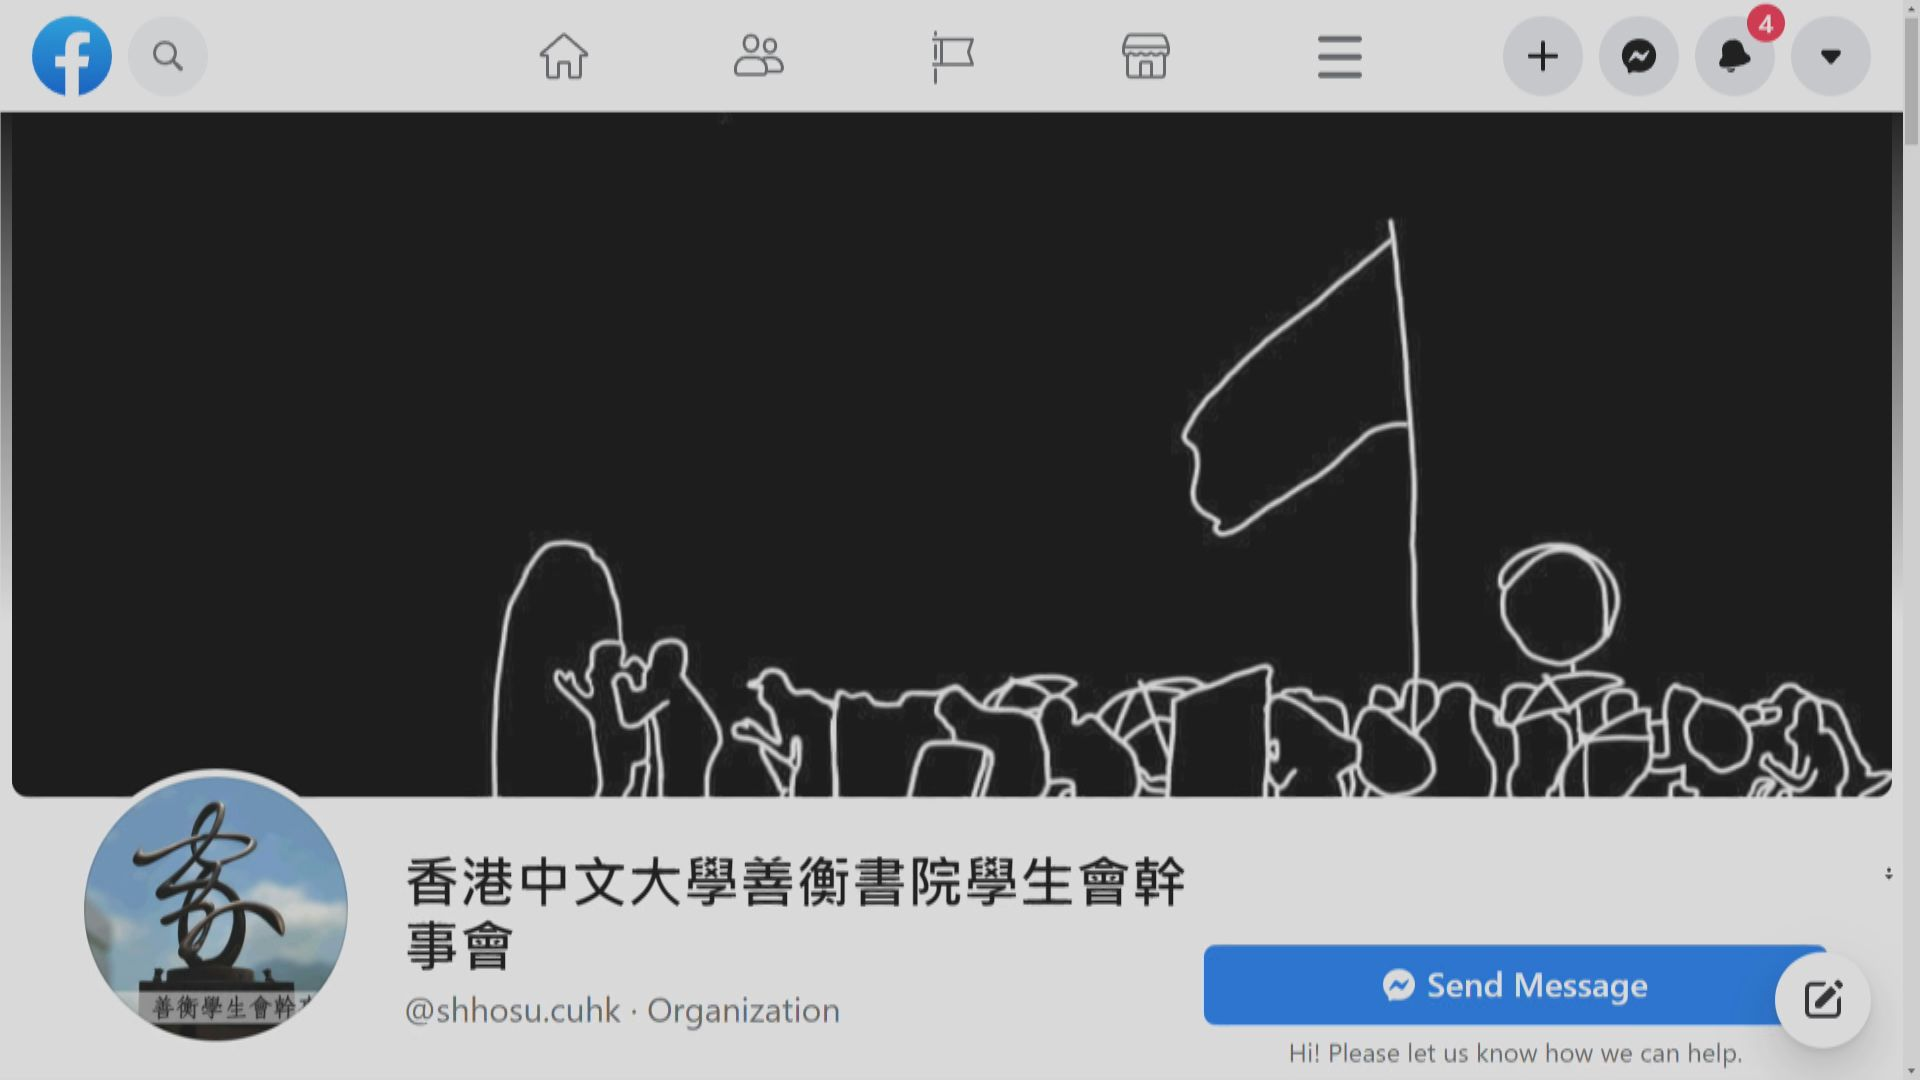 中大善衡書院學生會幹事會宣布請辭